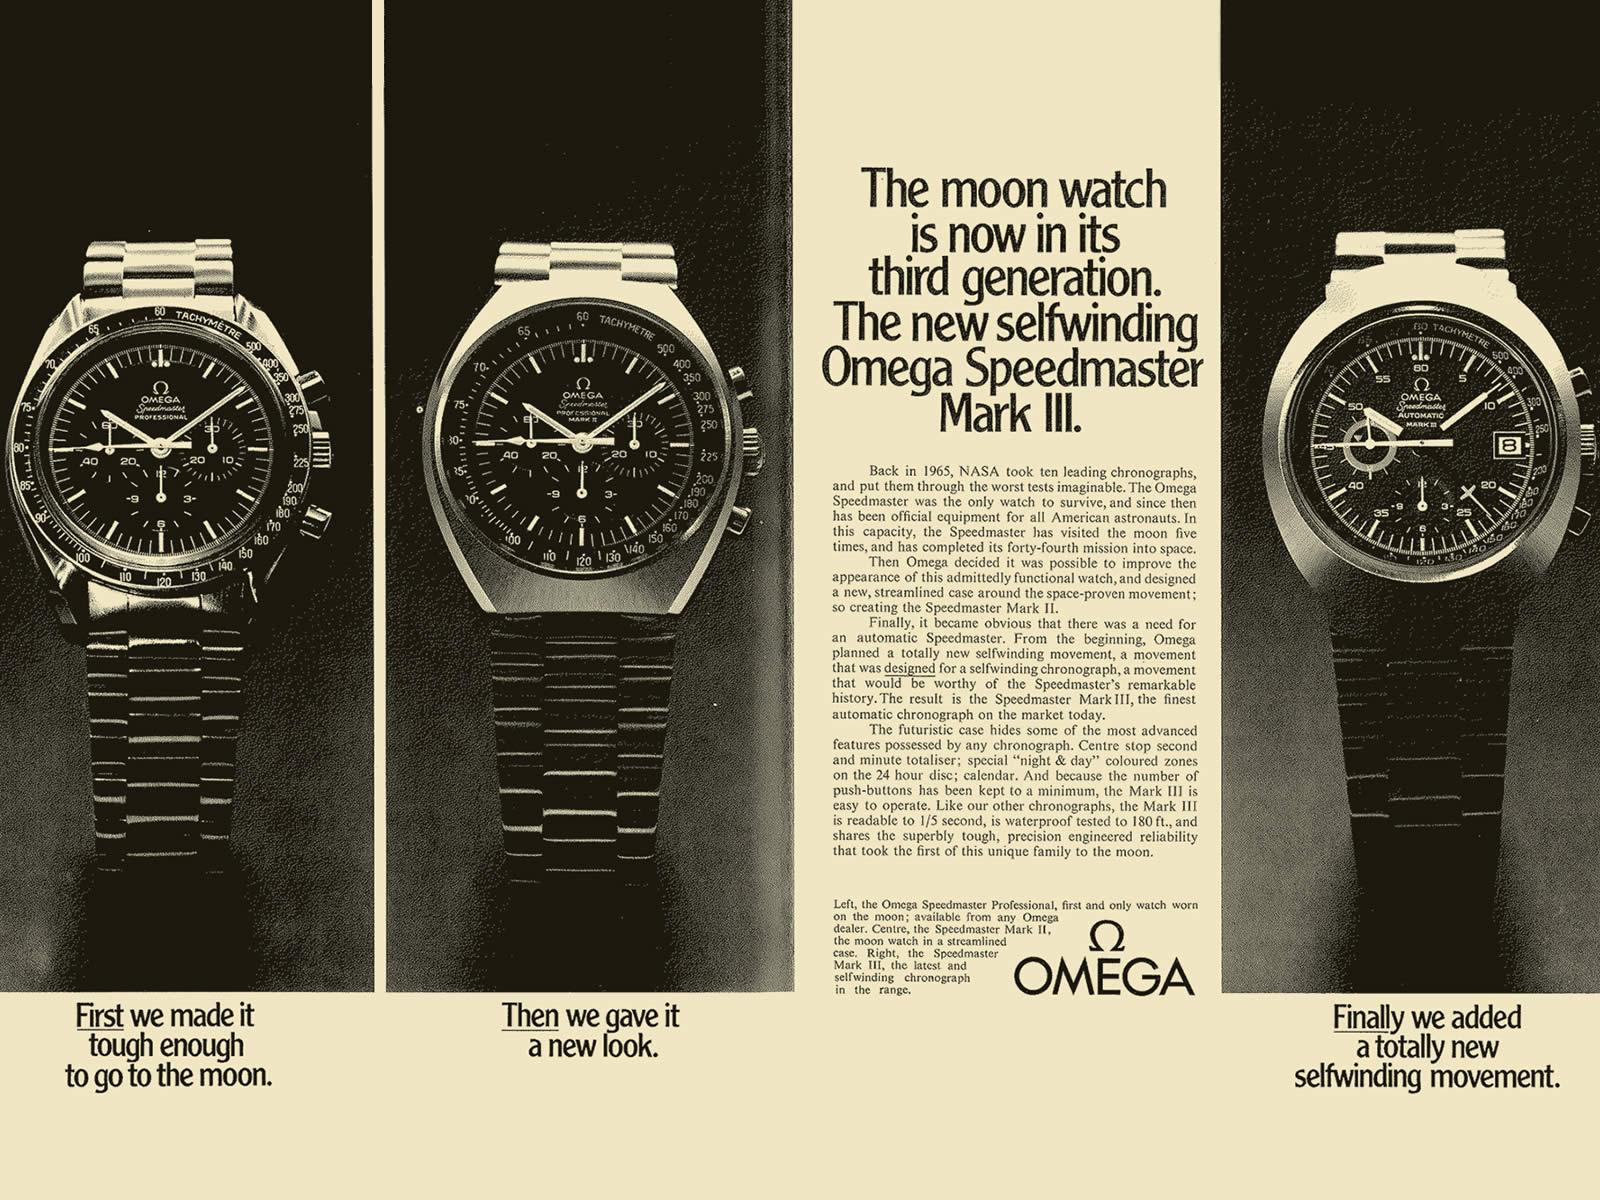 176-002-omega-speedmaster-mark-3-1971-3-.jpg